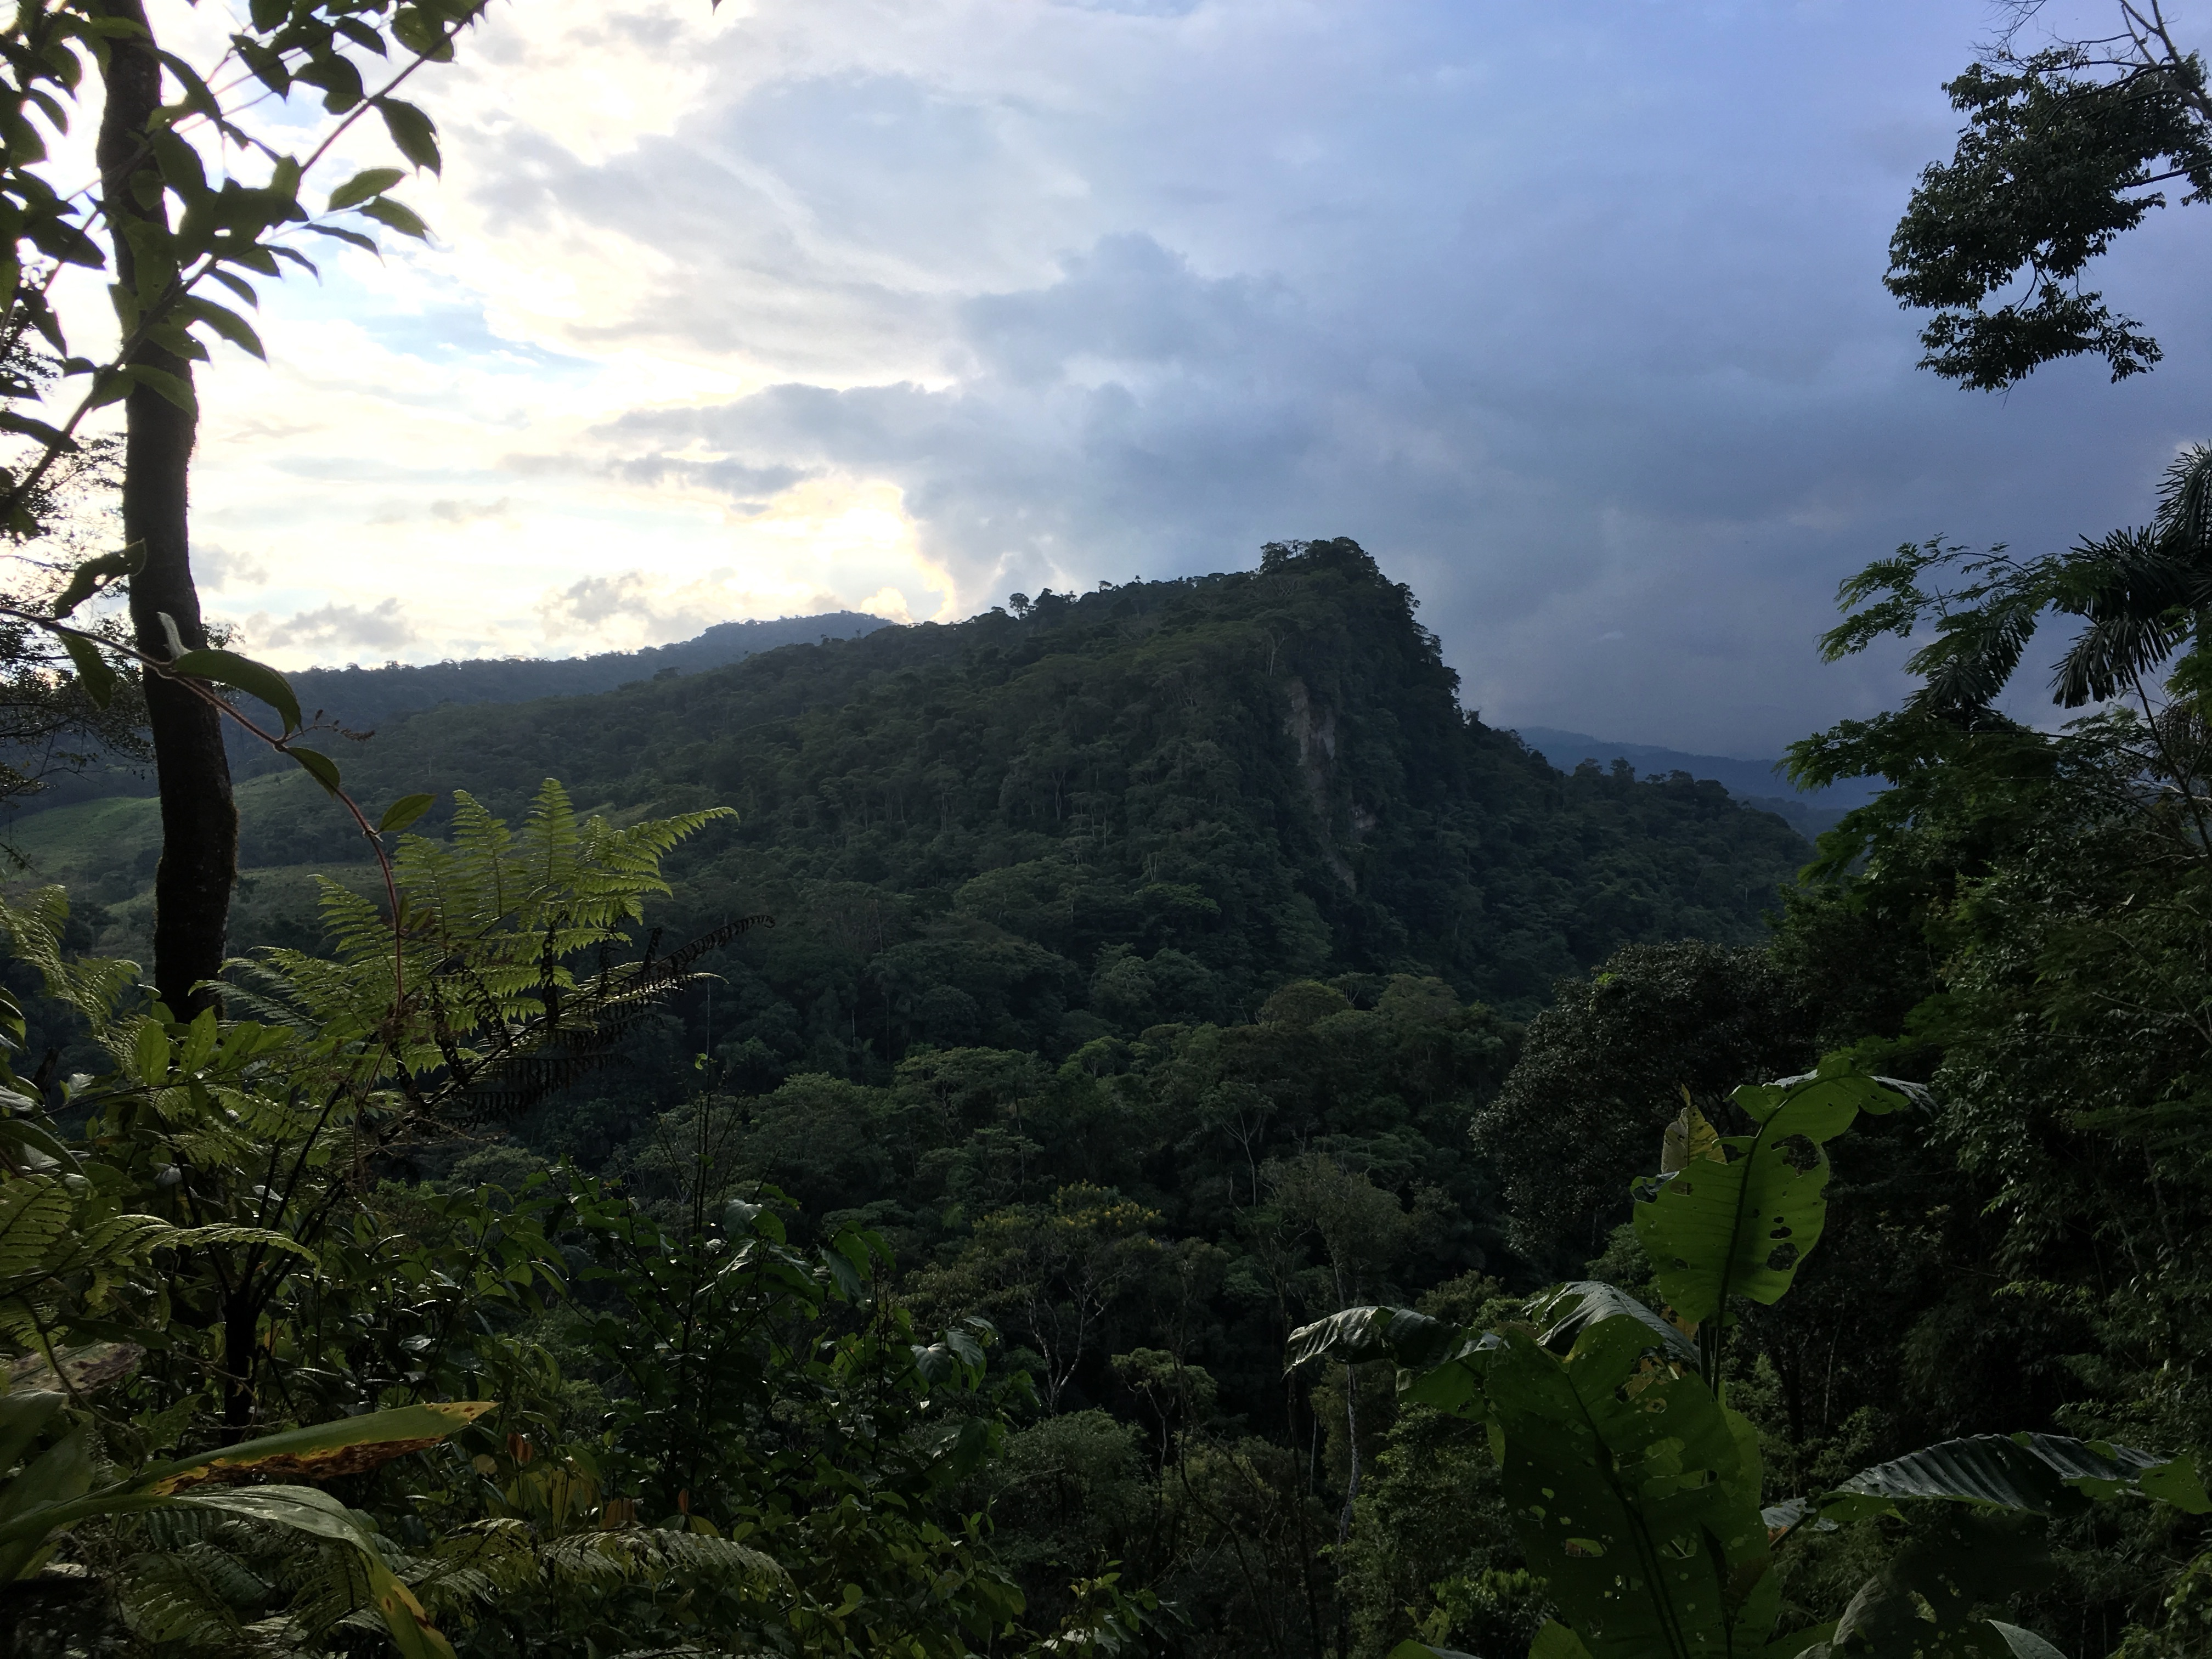 Reserva Isla Escondida, en el Putumayo, el lugar al que viajará Diego Calderón para buscar al paujil nocturno. Foto: Diego Calderón.